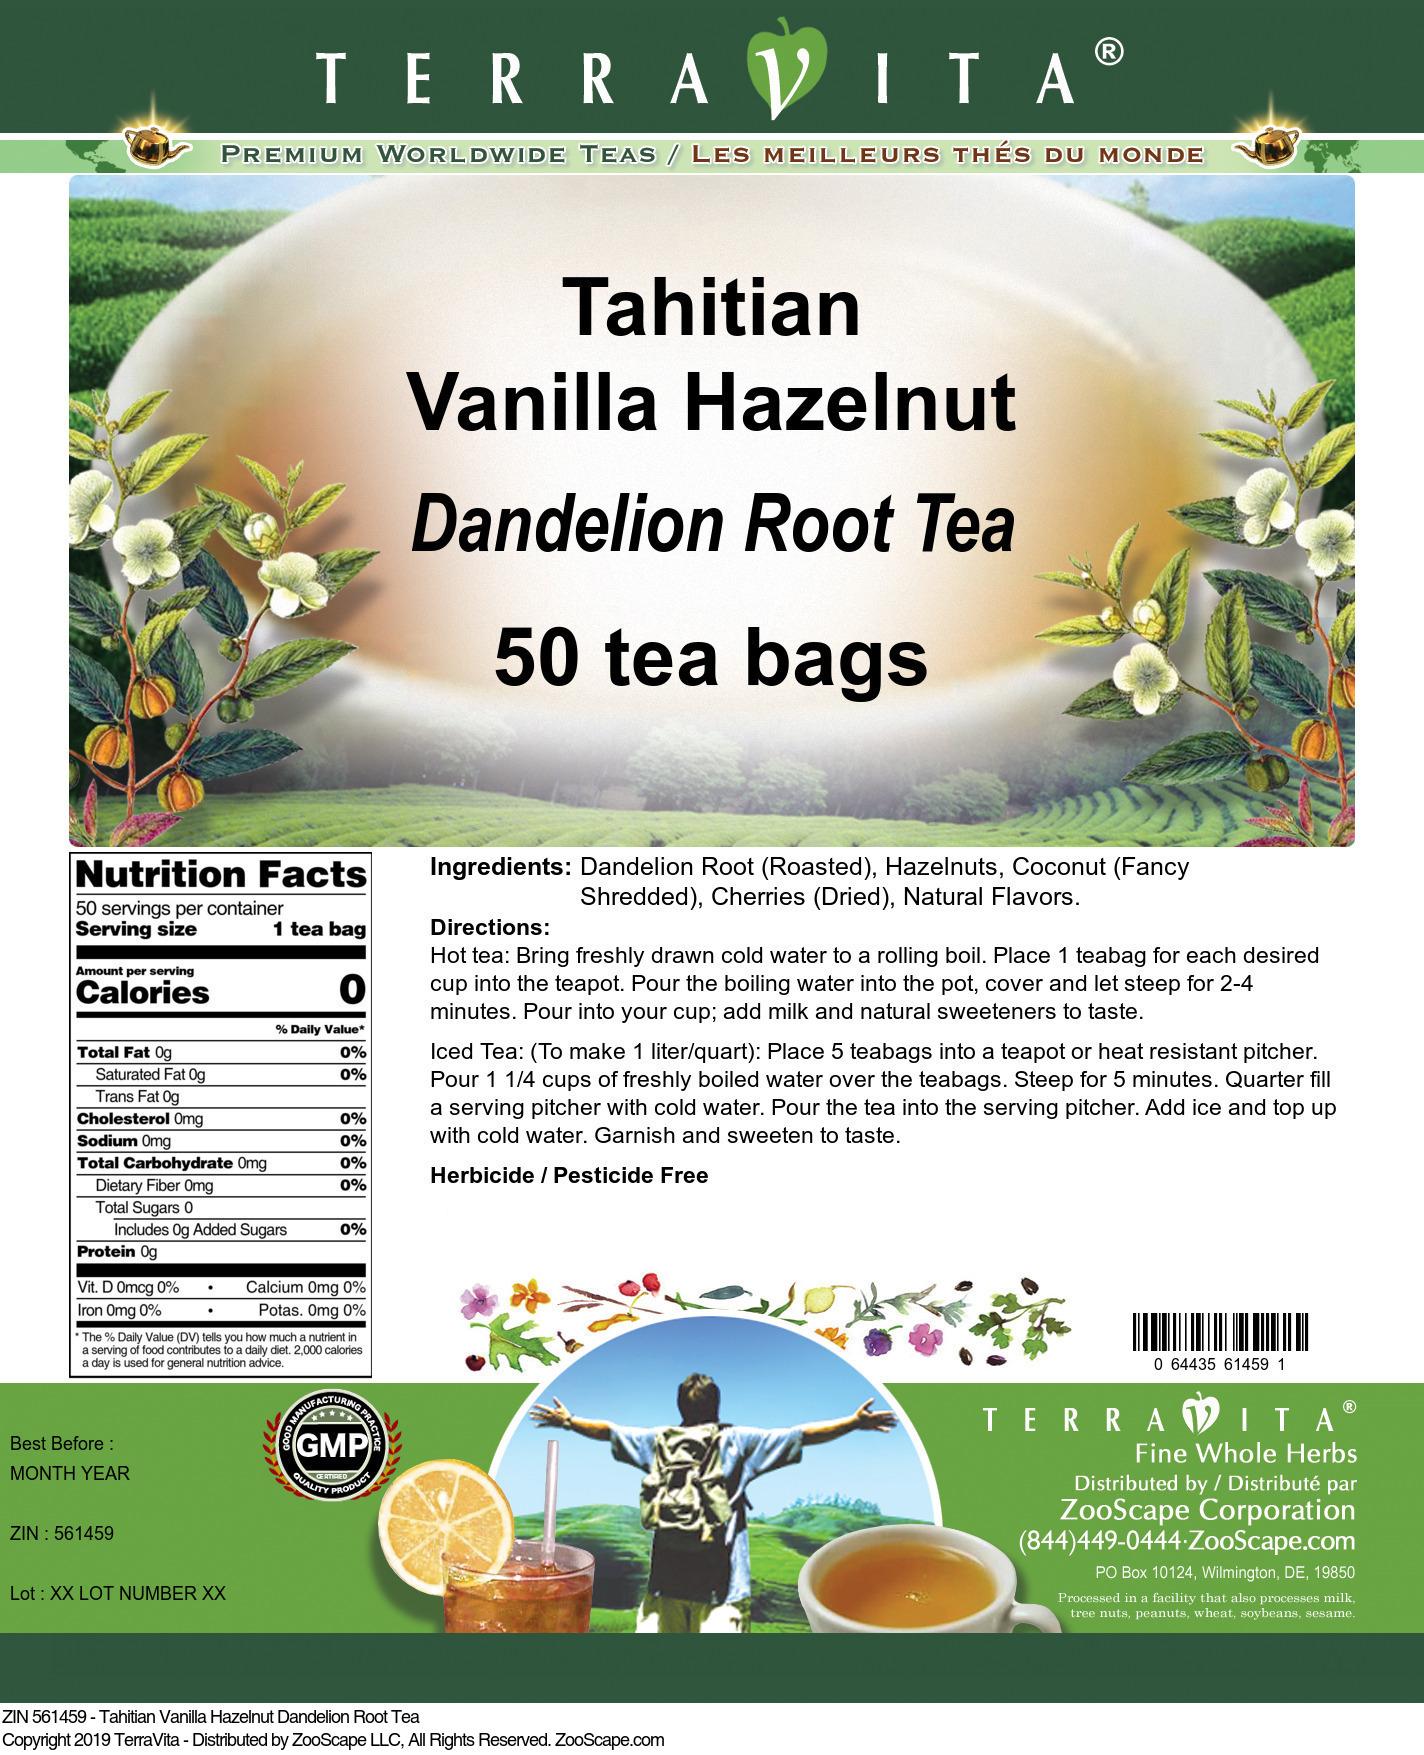 Tahitian Vanilla Hazelnut Dandelion Root Tea